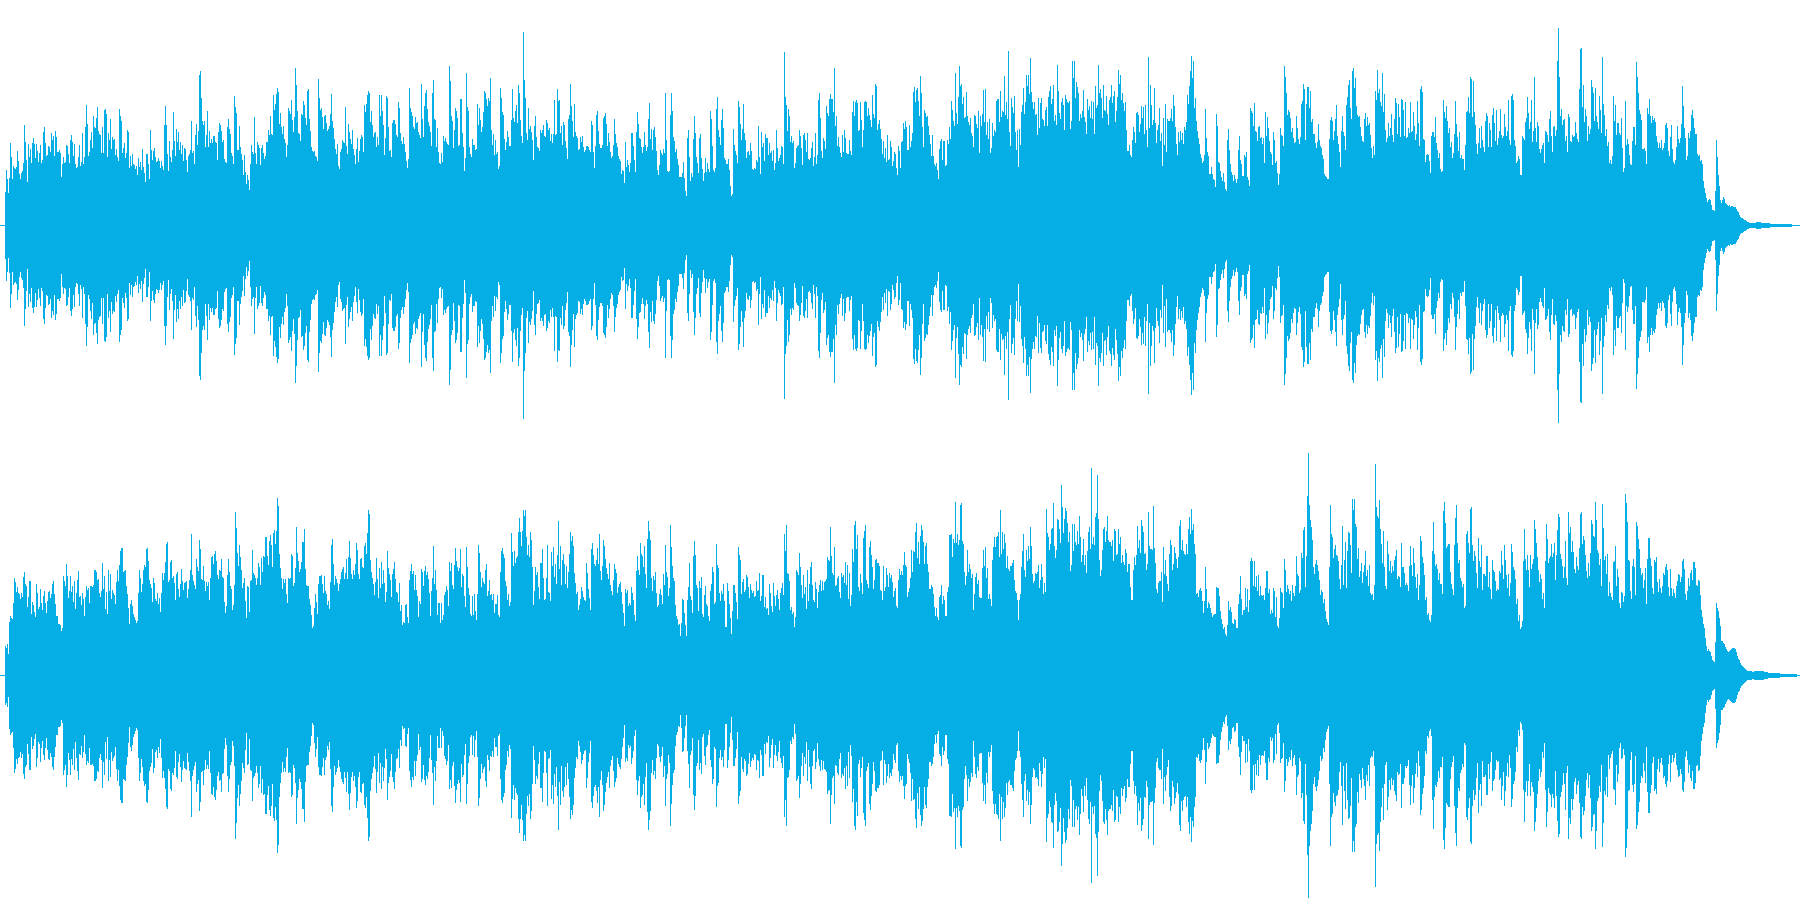 夢見る美しい曲、アラベスクをハープでの再生済みの波形